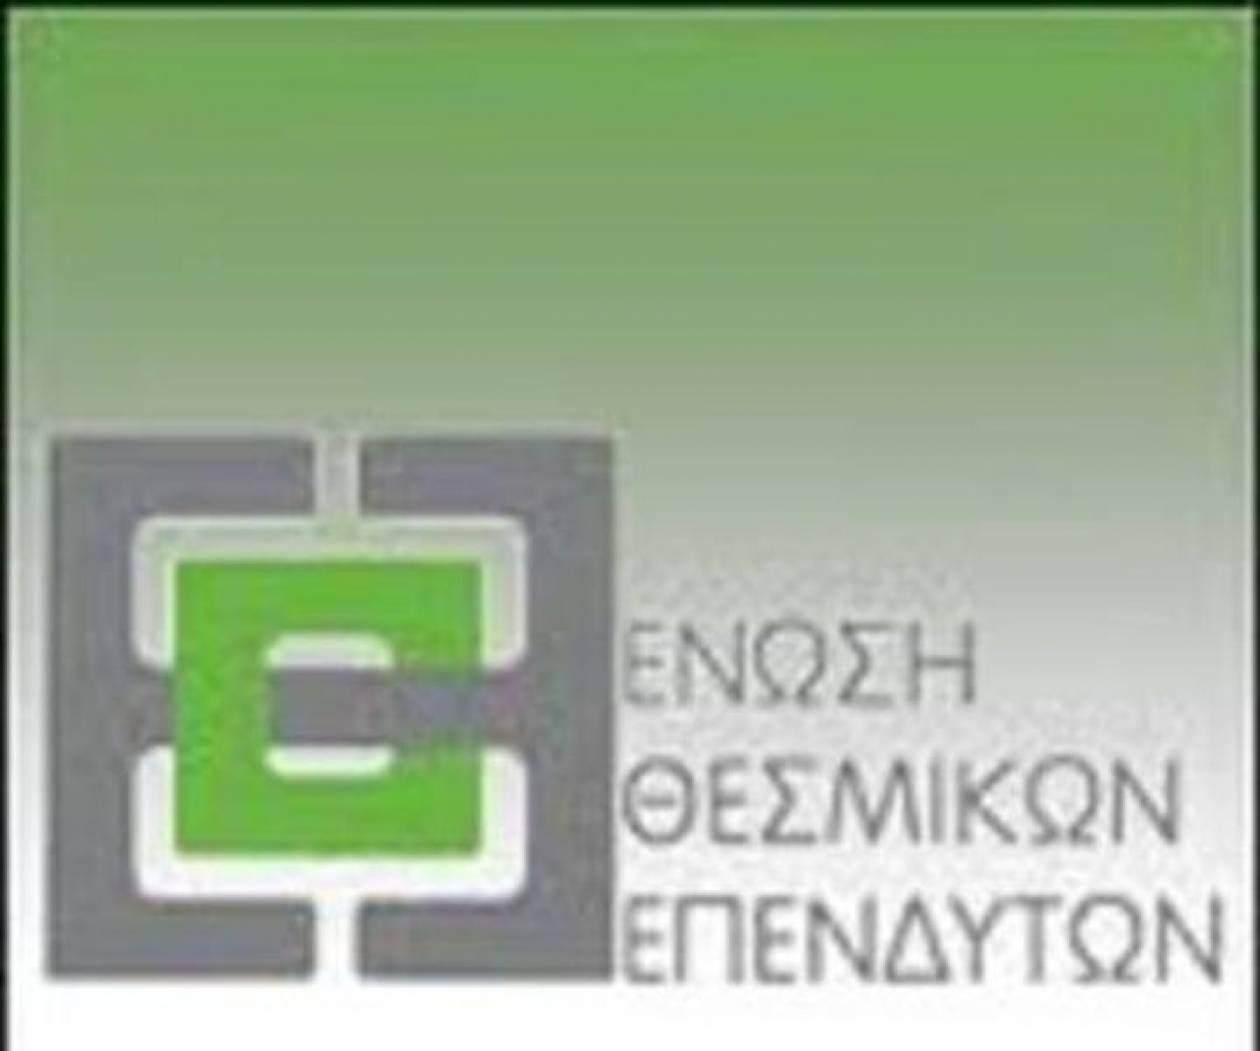 Πρόεδρος της ΕΘΕ αναλαμβάνει ο Κίμων Βολίκας